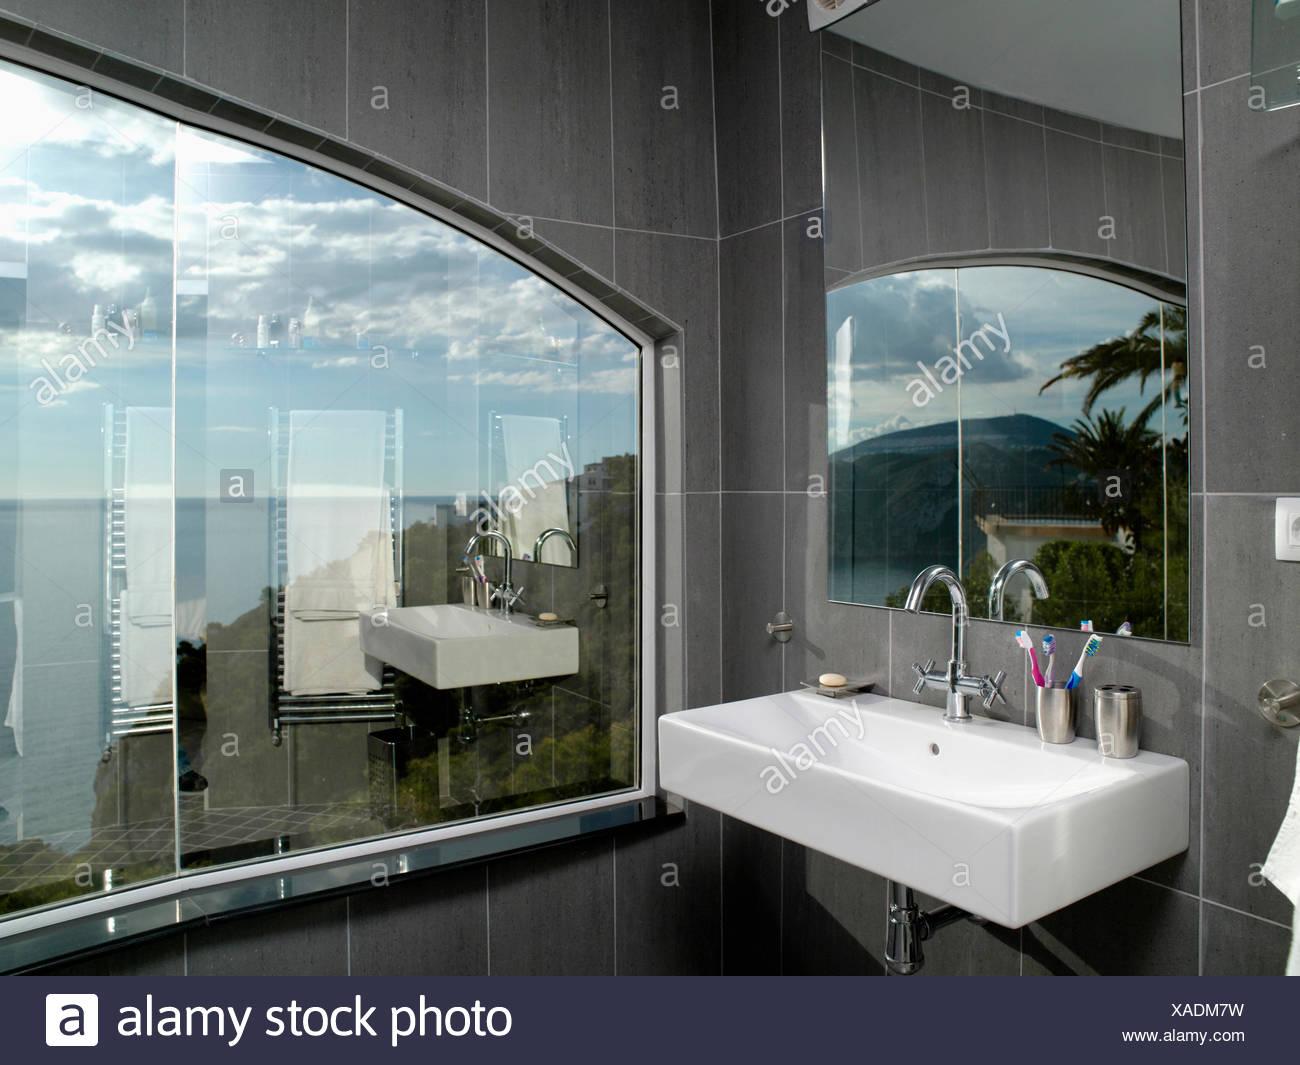 Bagno moderno grigio e bianco interno bagno bianco con un - Piastrelle sopra piastrelle ...